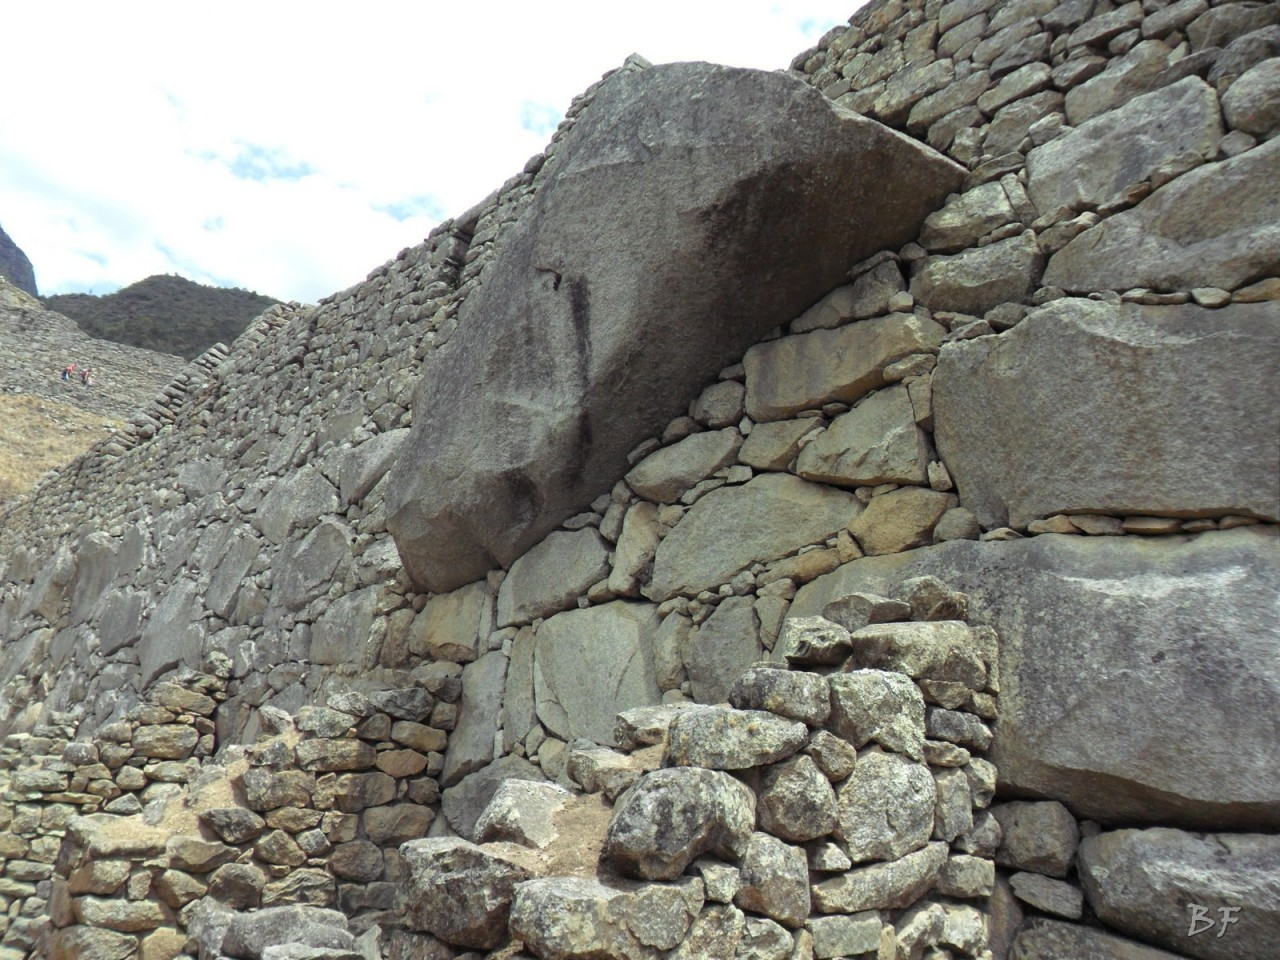 Mura-Poligonali-Incisioni-Altari-Edifici-Rupestri-Megaliti-Machu-Picchu-Aguas-Calientes-Urubamba-Cusco-Perù-94